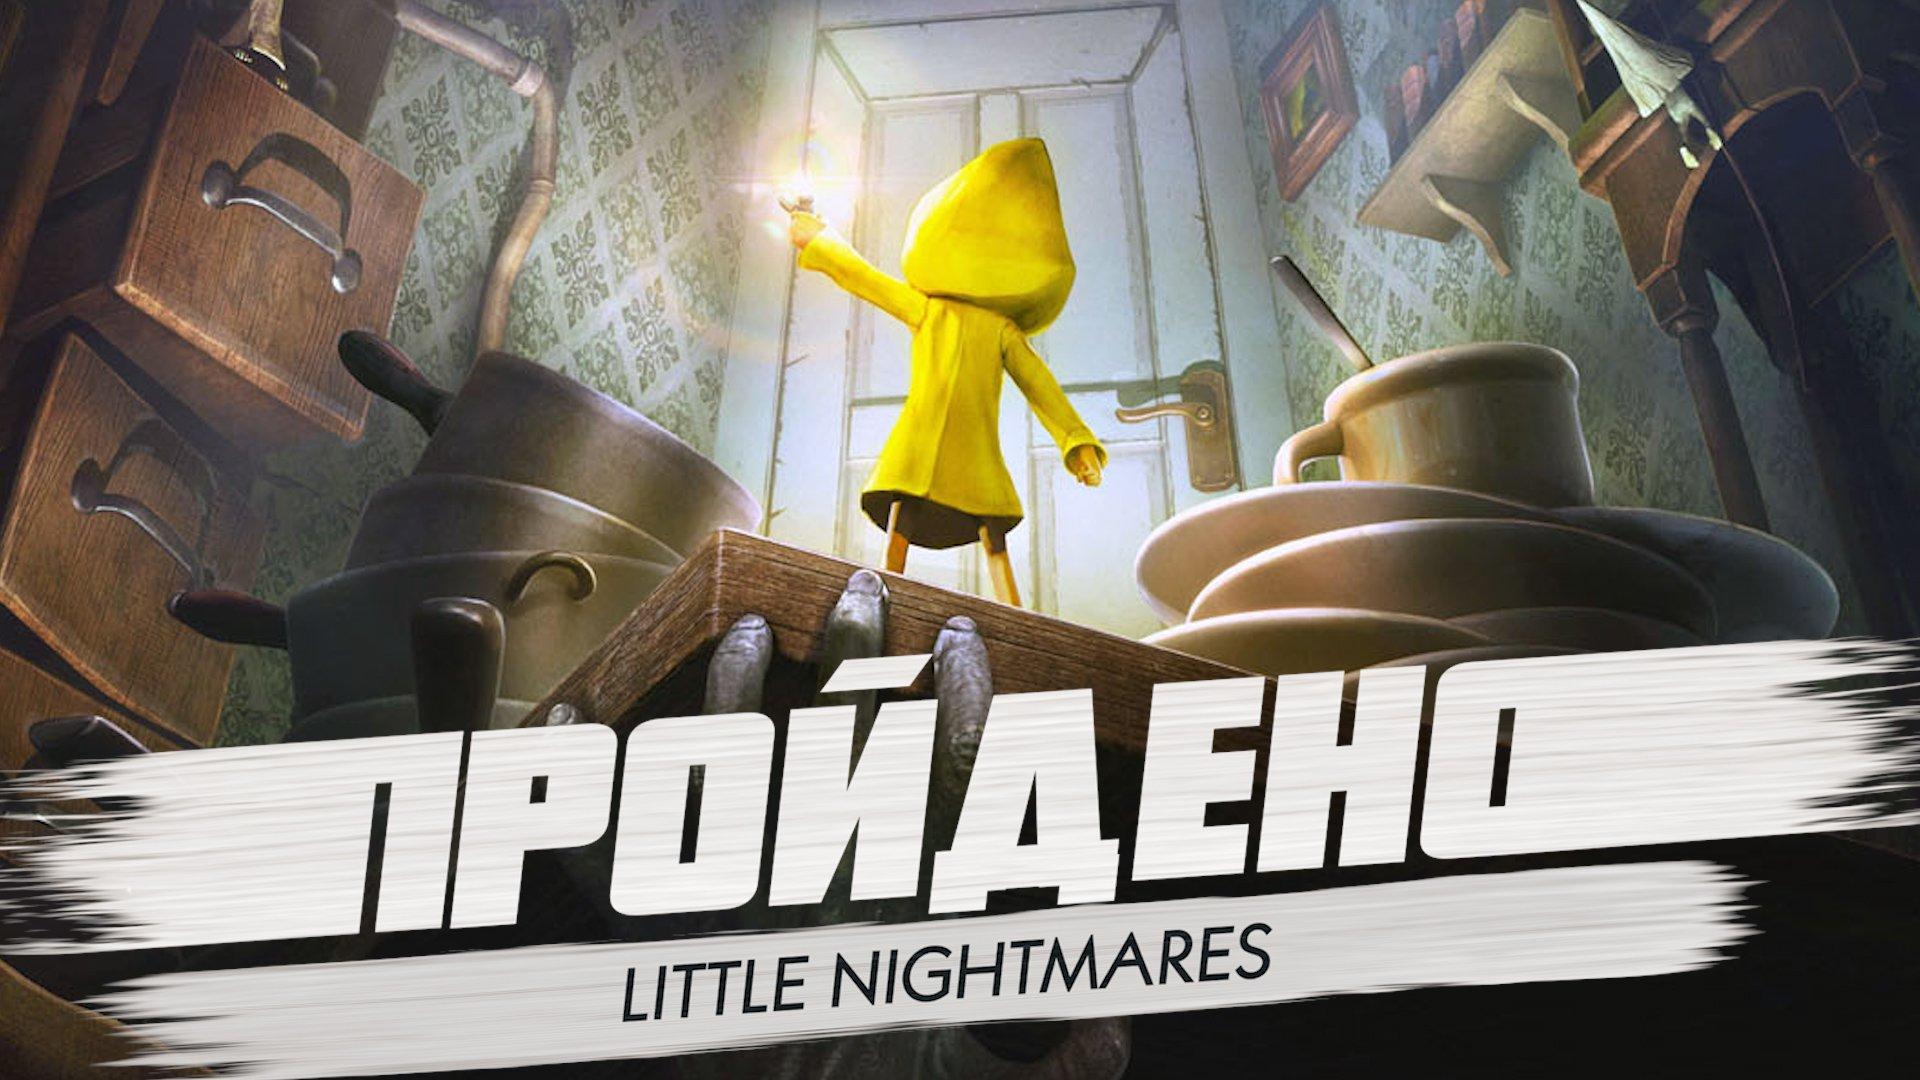 ПРОЙДЕНО: Little Nightmares - очередной мрачный платформер . - Изображение 1